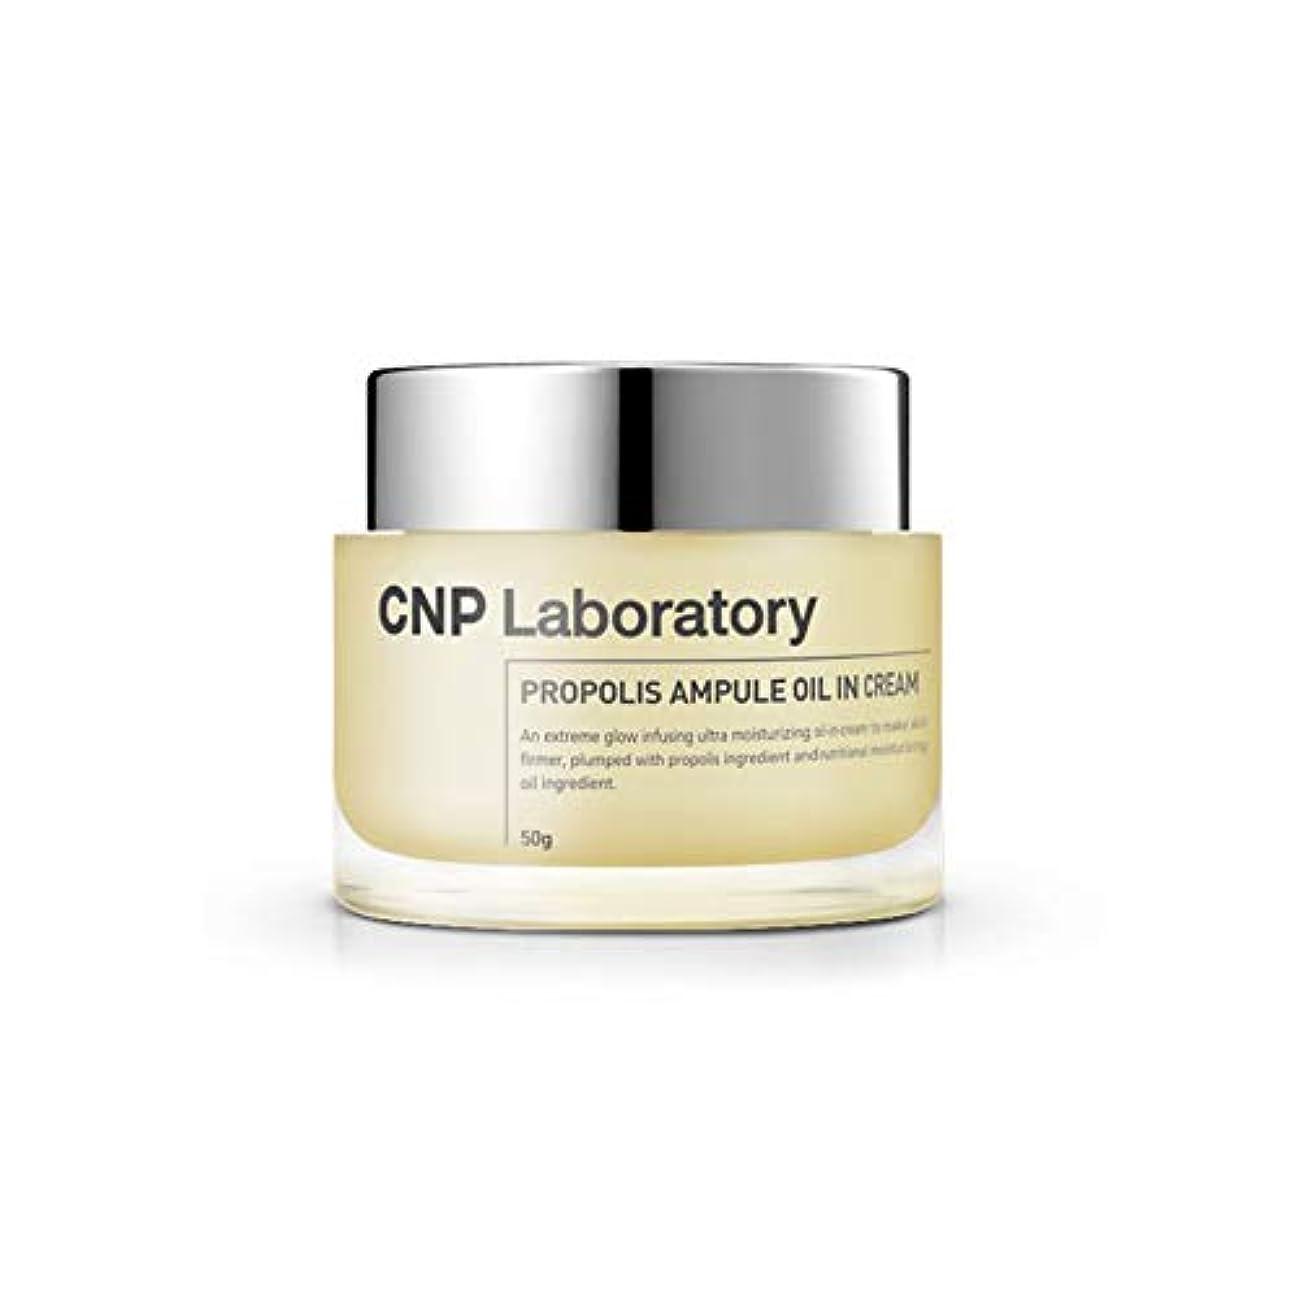 気まぐれな若い促進する[CNP Laboratory] CNP チャ&パク プロポリスアンプルオイルインクリーム 50g [海外直送品][並行輸入品]